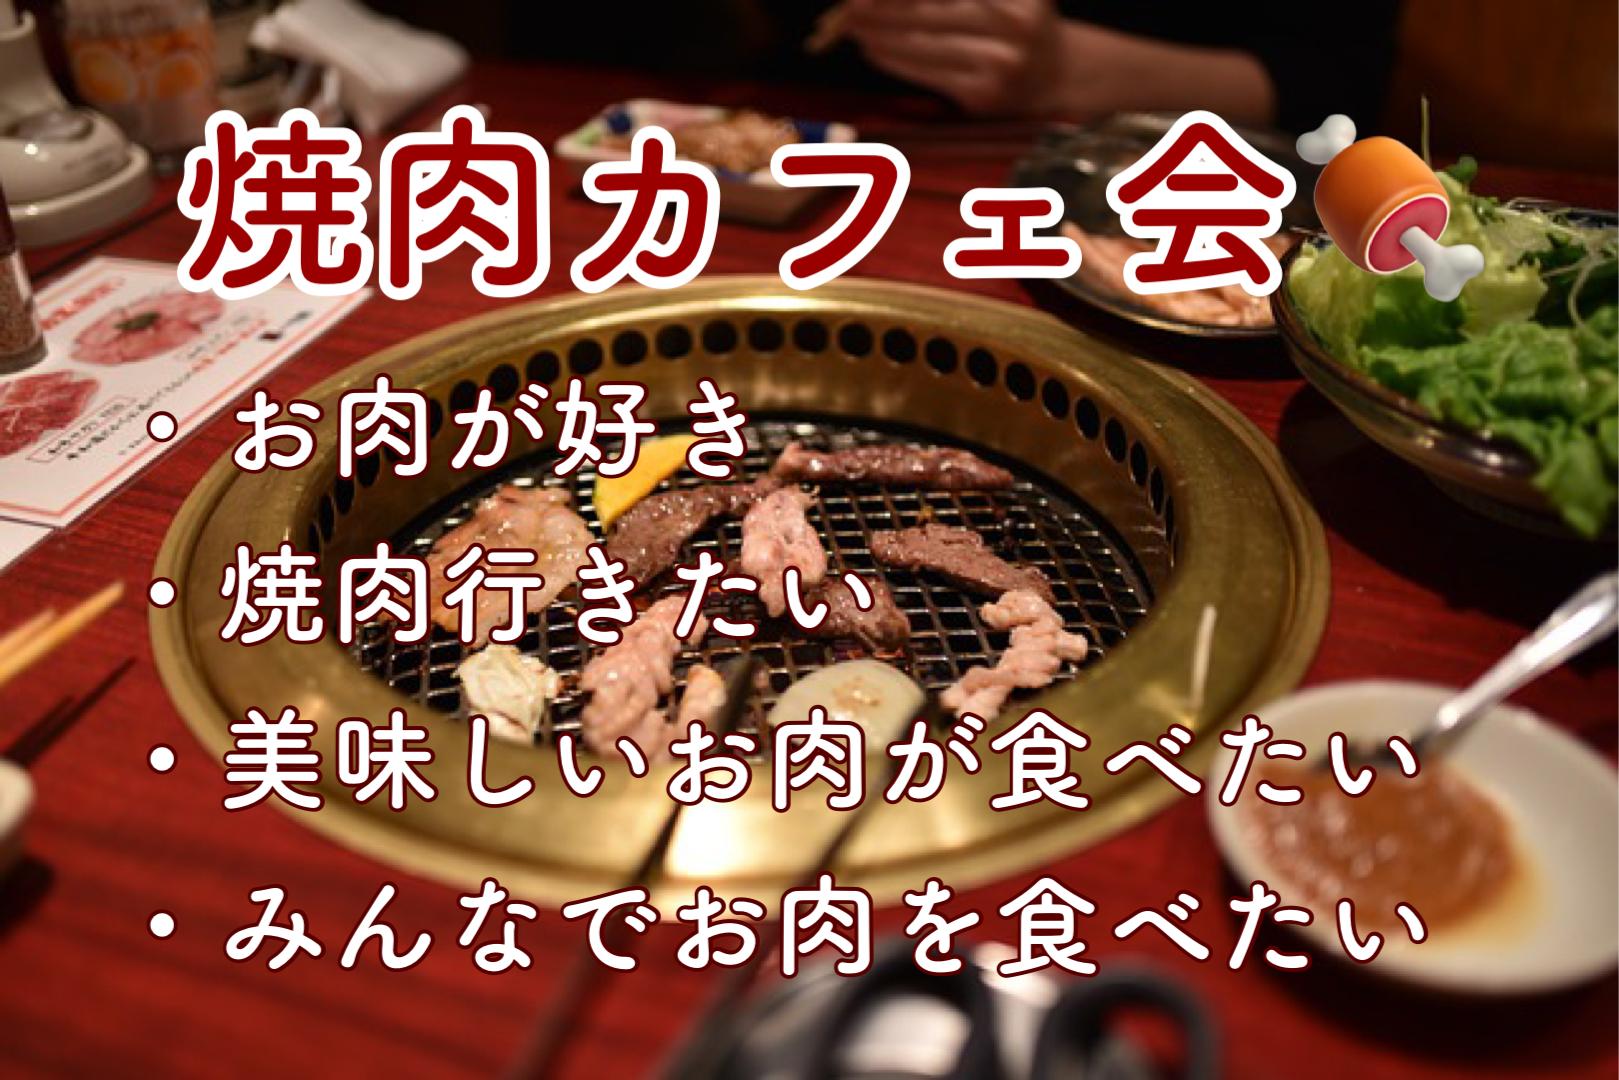 福岡焼肉会